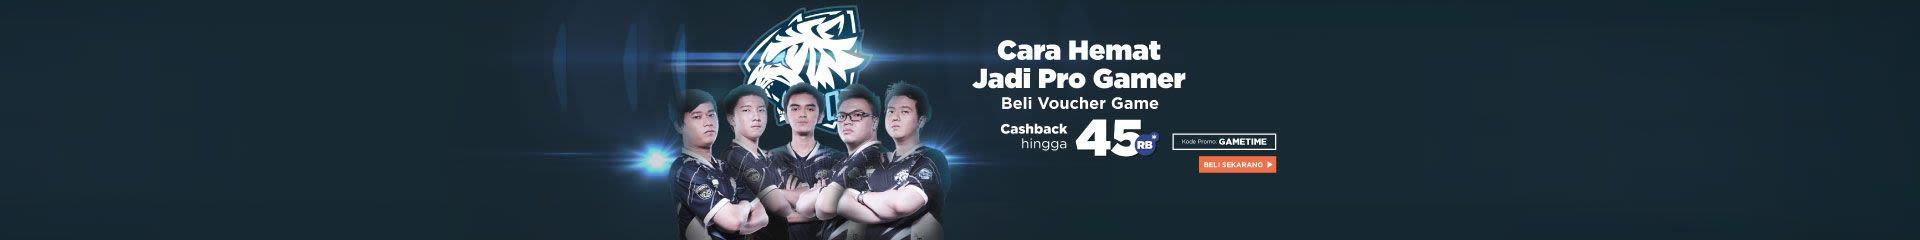 Beli Voucher Game, Cashback hingga Rp45.000!